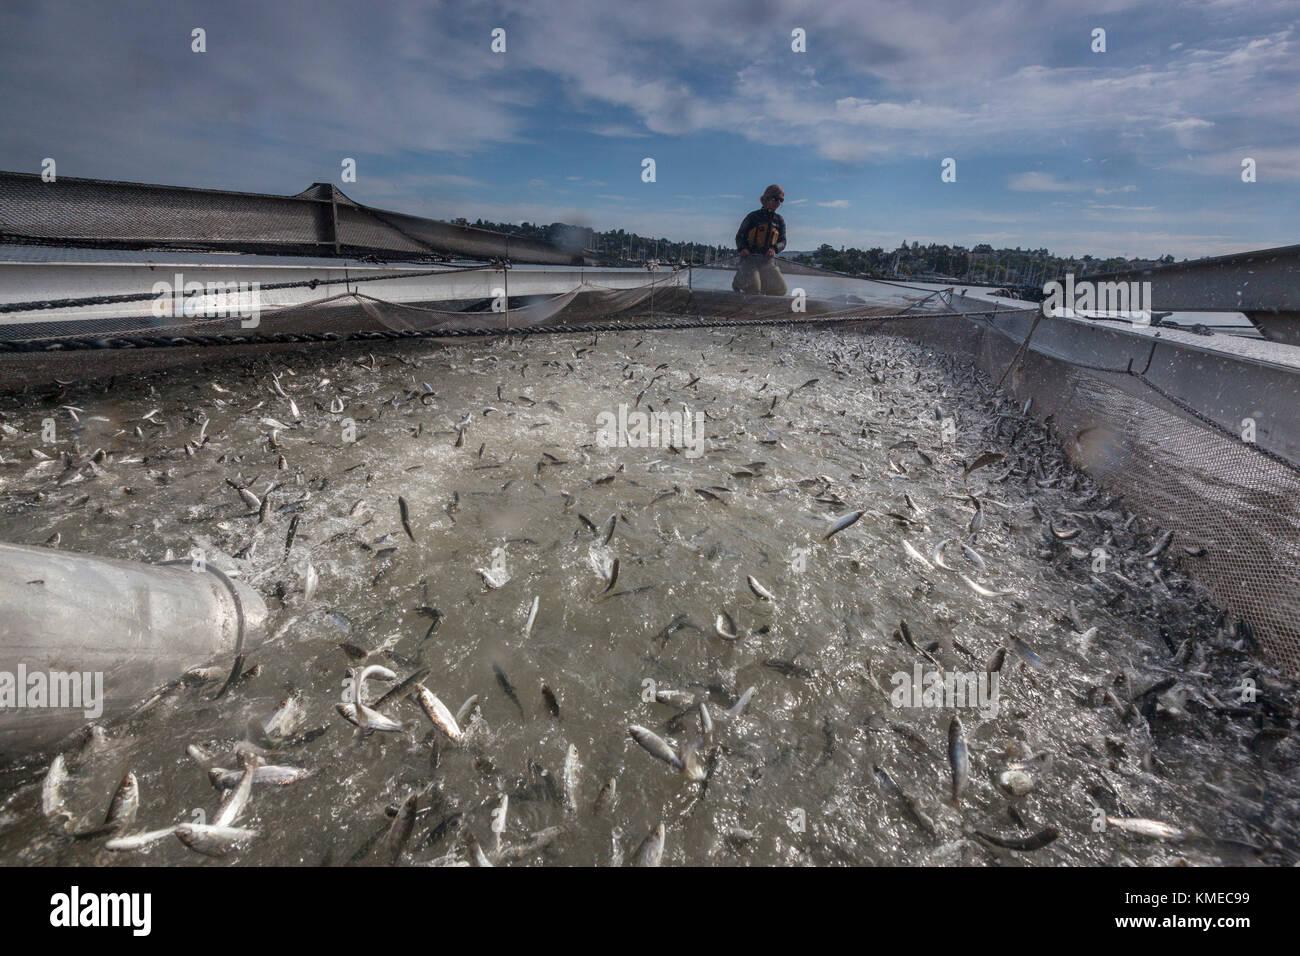 Vivaio di salmone chinook smolts essendo messo in rete sul mare isola,California , Stati Uniti Immagini Stock